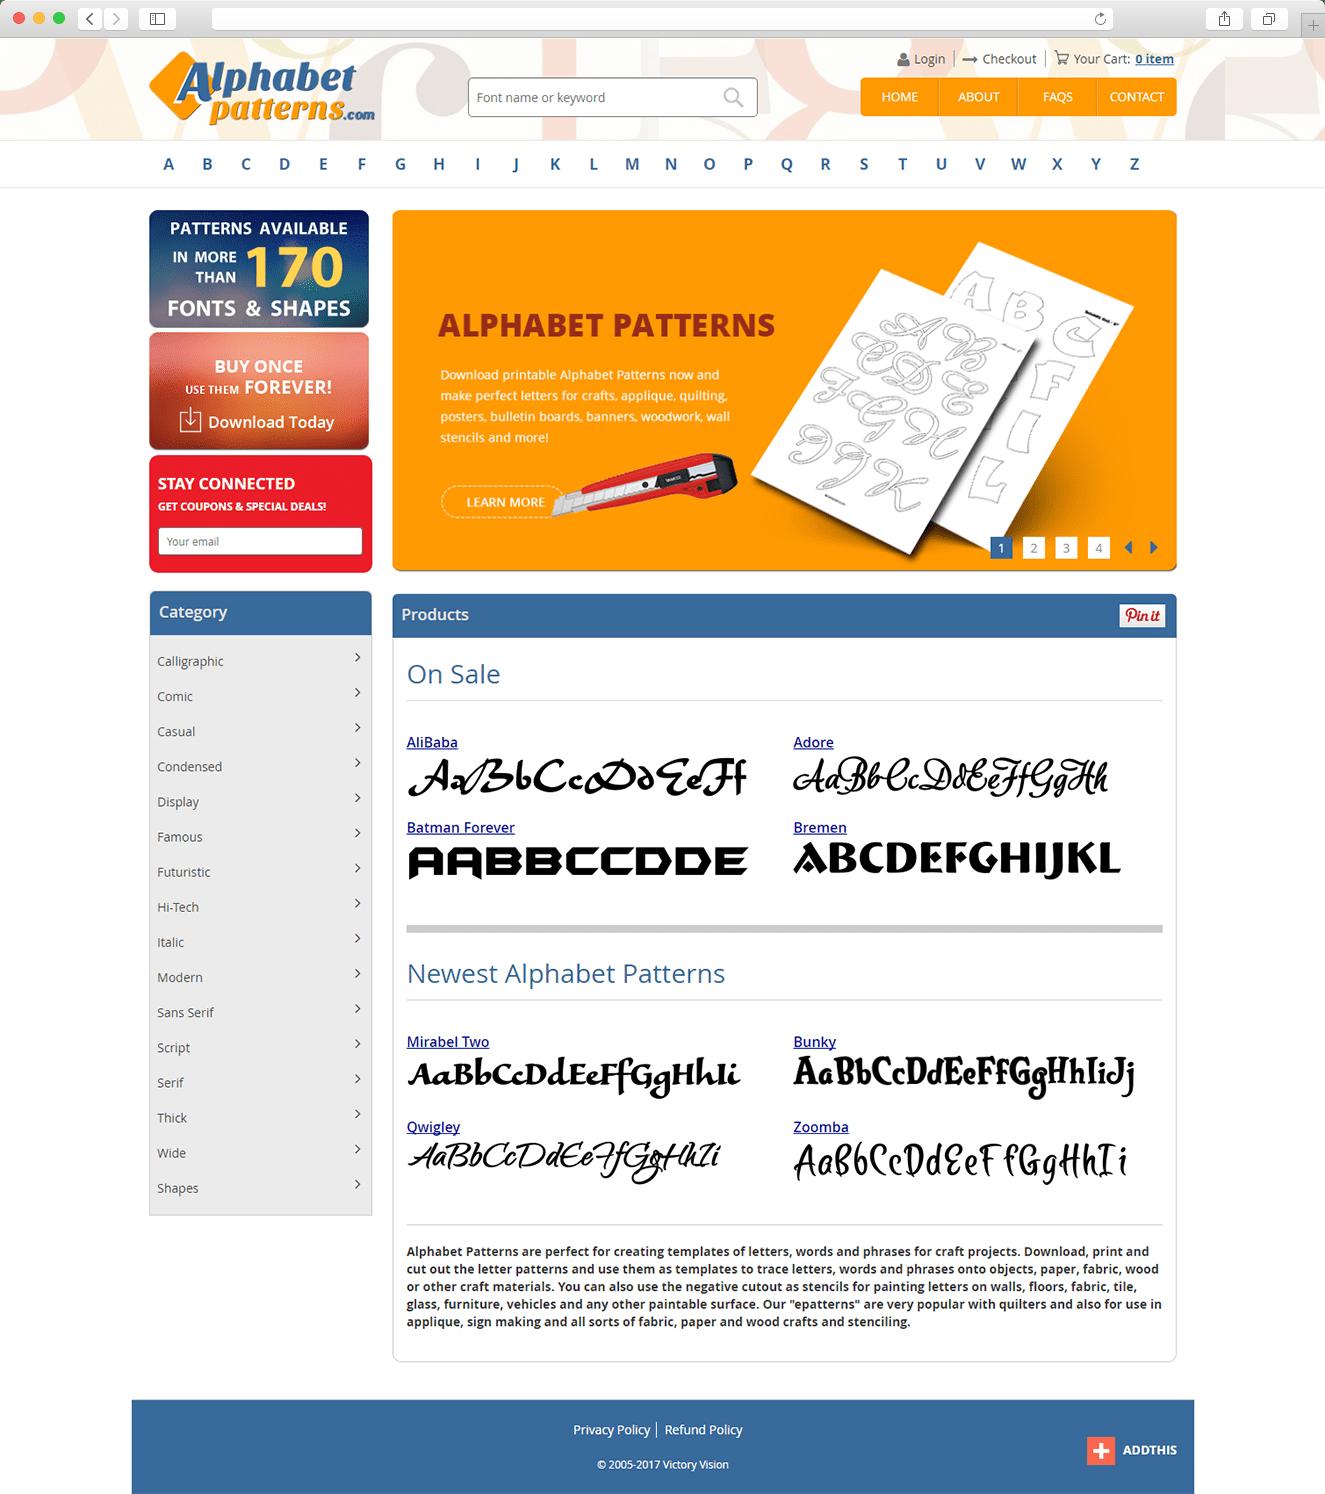 Our Works: Alphabetpatterns.com